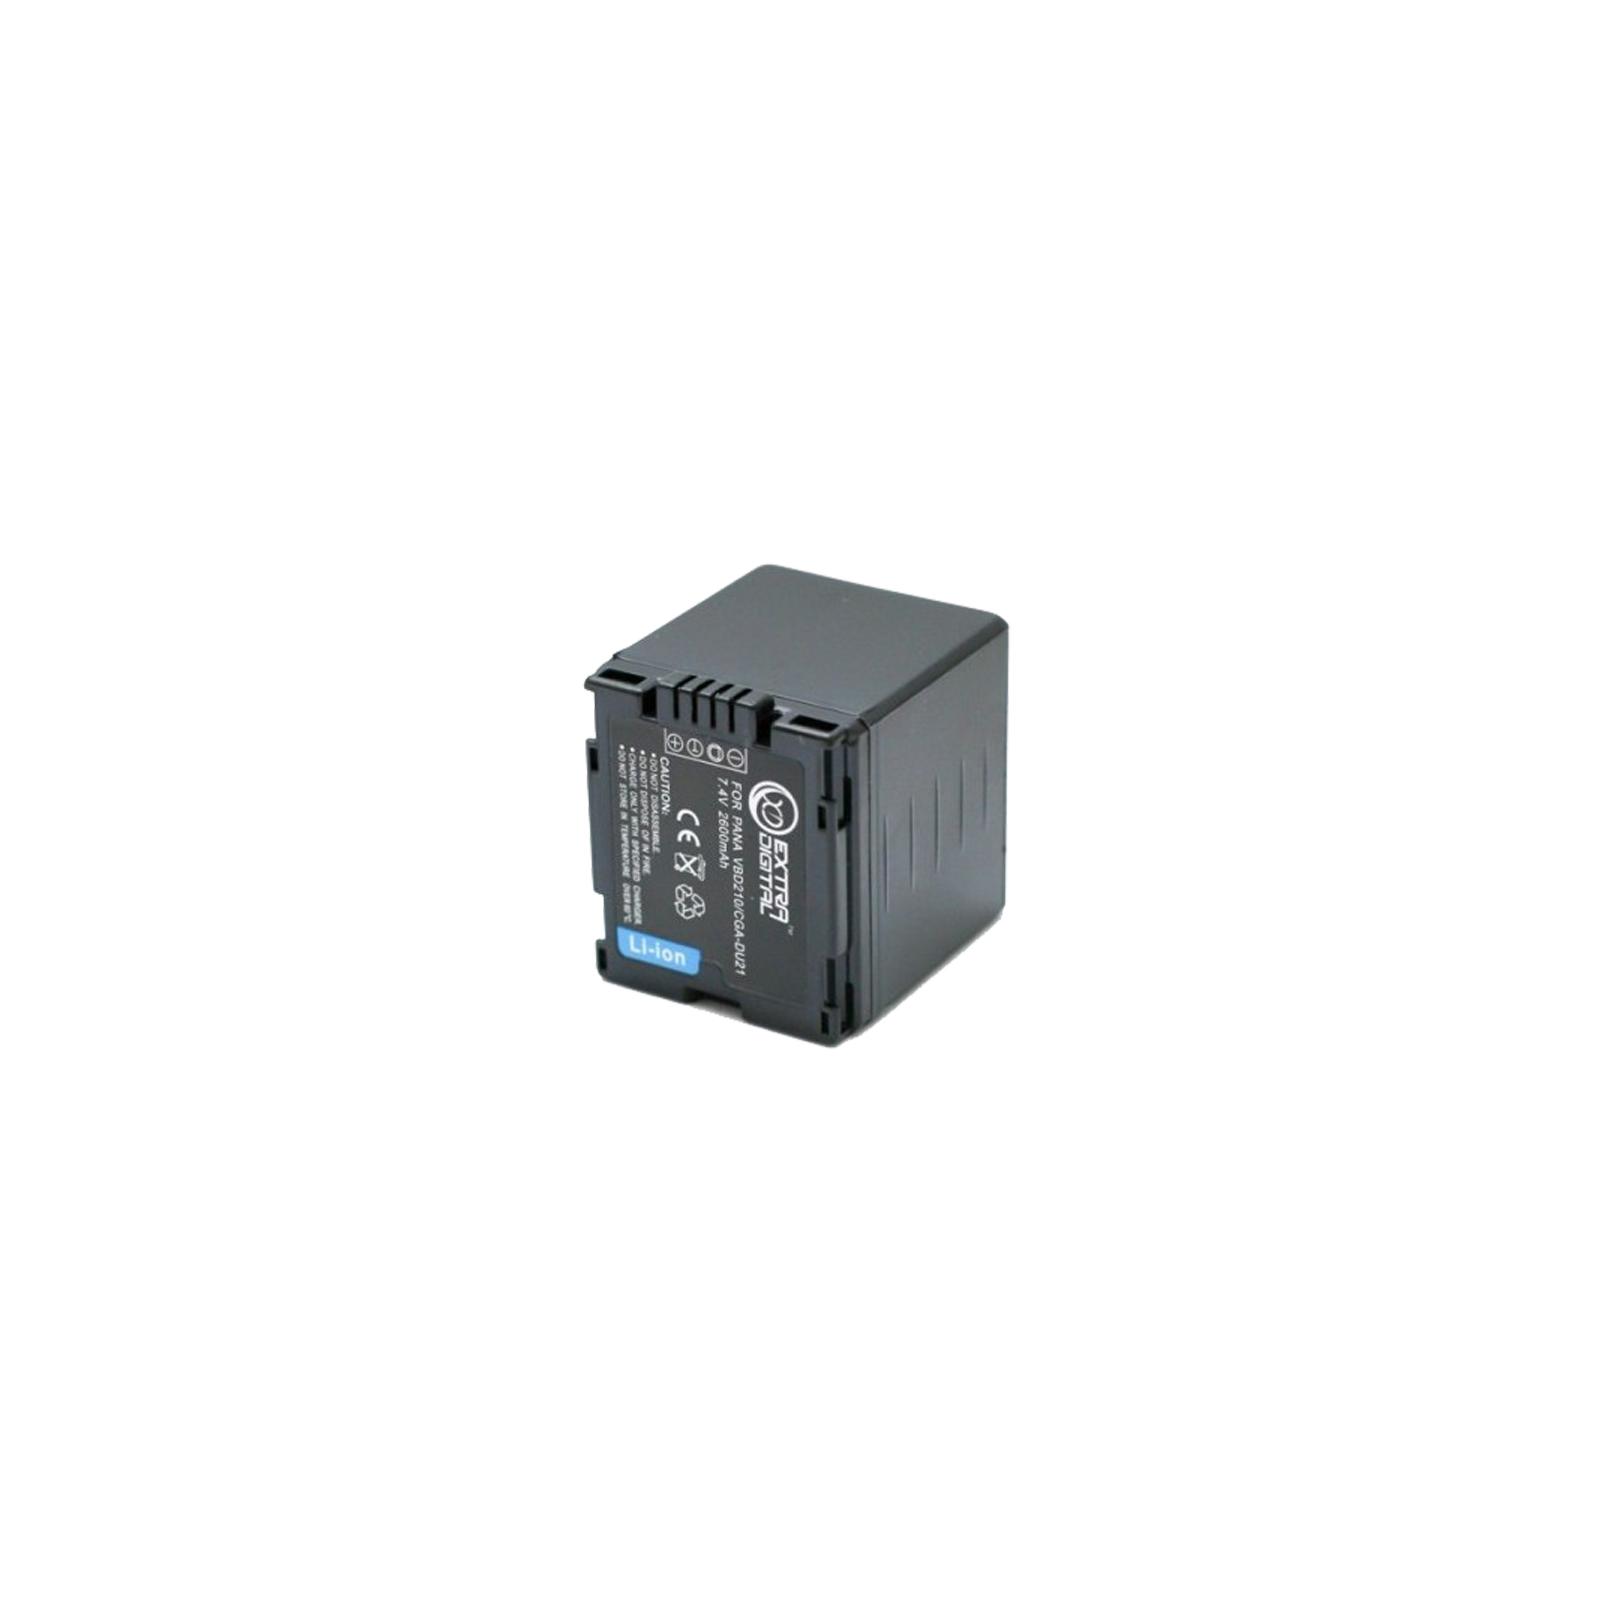 Аккумулятор к фото/видео EXTRADIGITAL Panasonic VBD210, CGA-DU21 (BDP2580) изображение 2